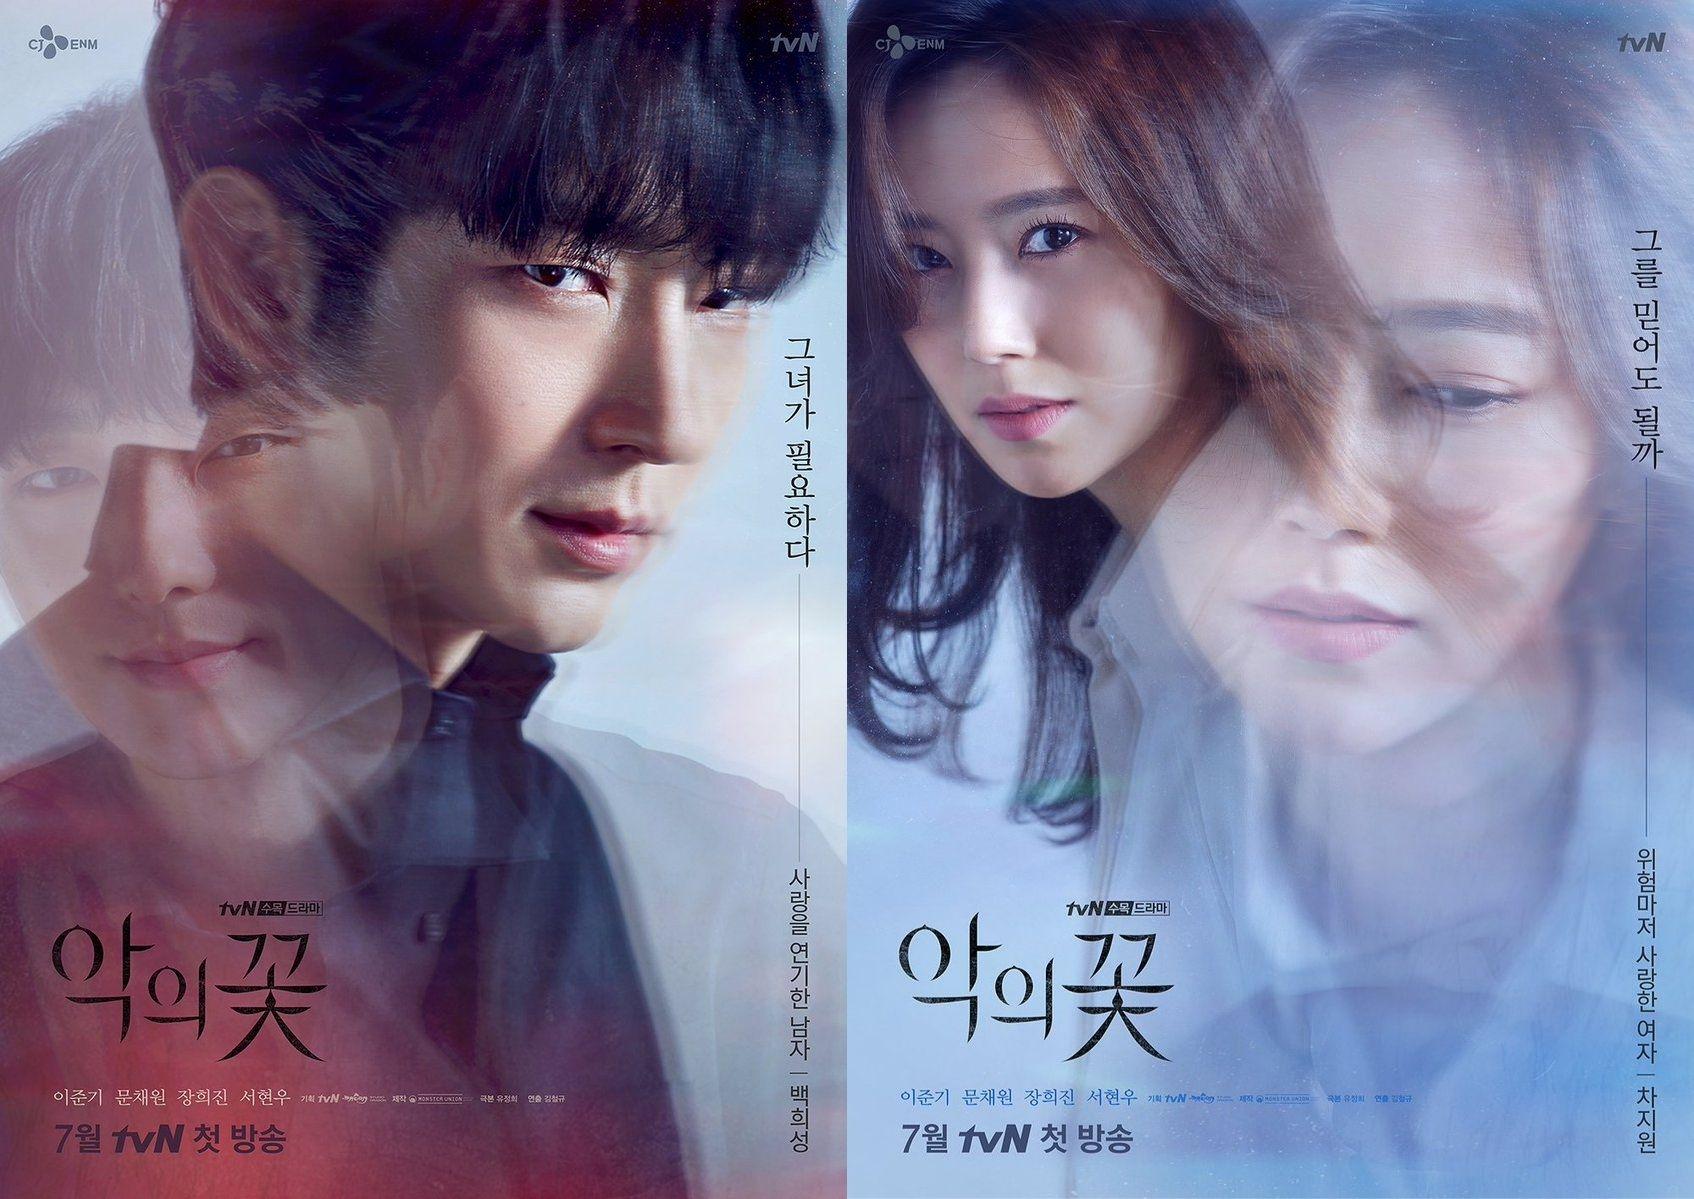 Phim Hàn Quốc hay nhất - hoa của quỷ